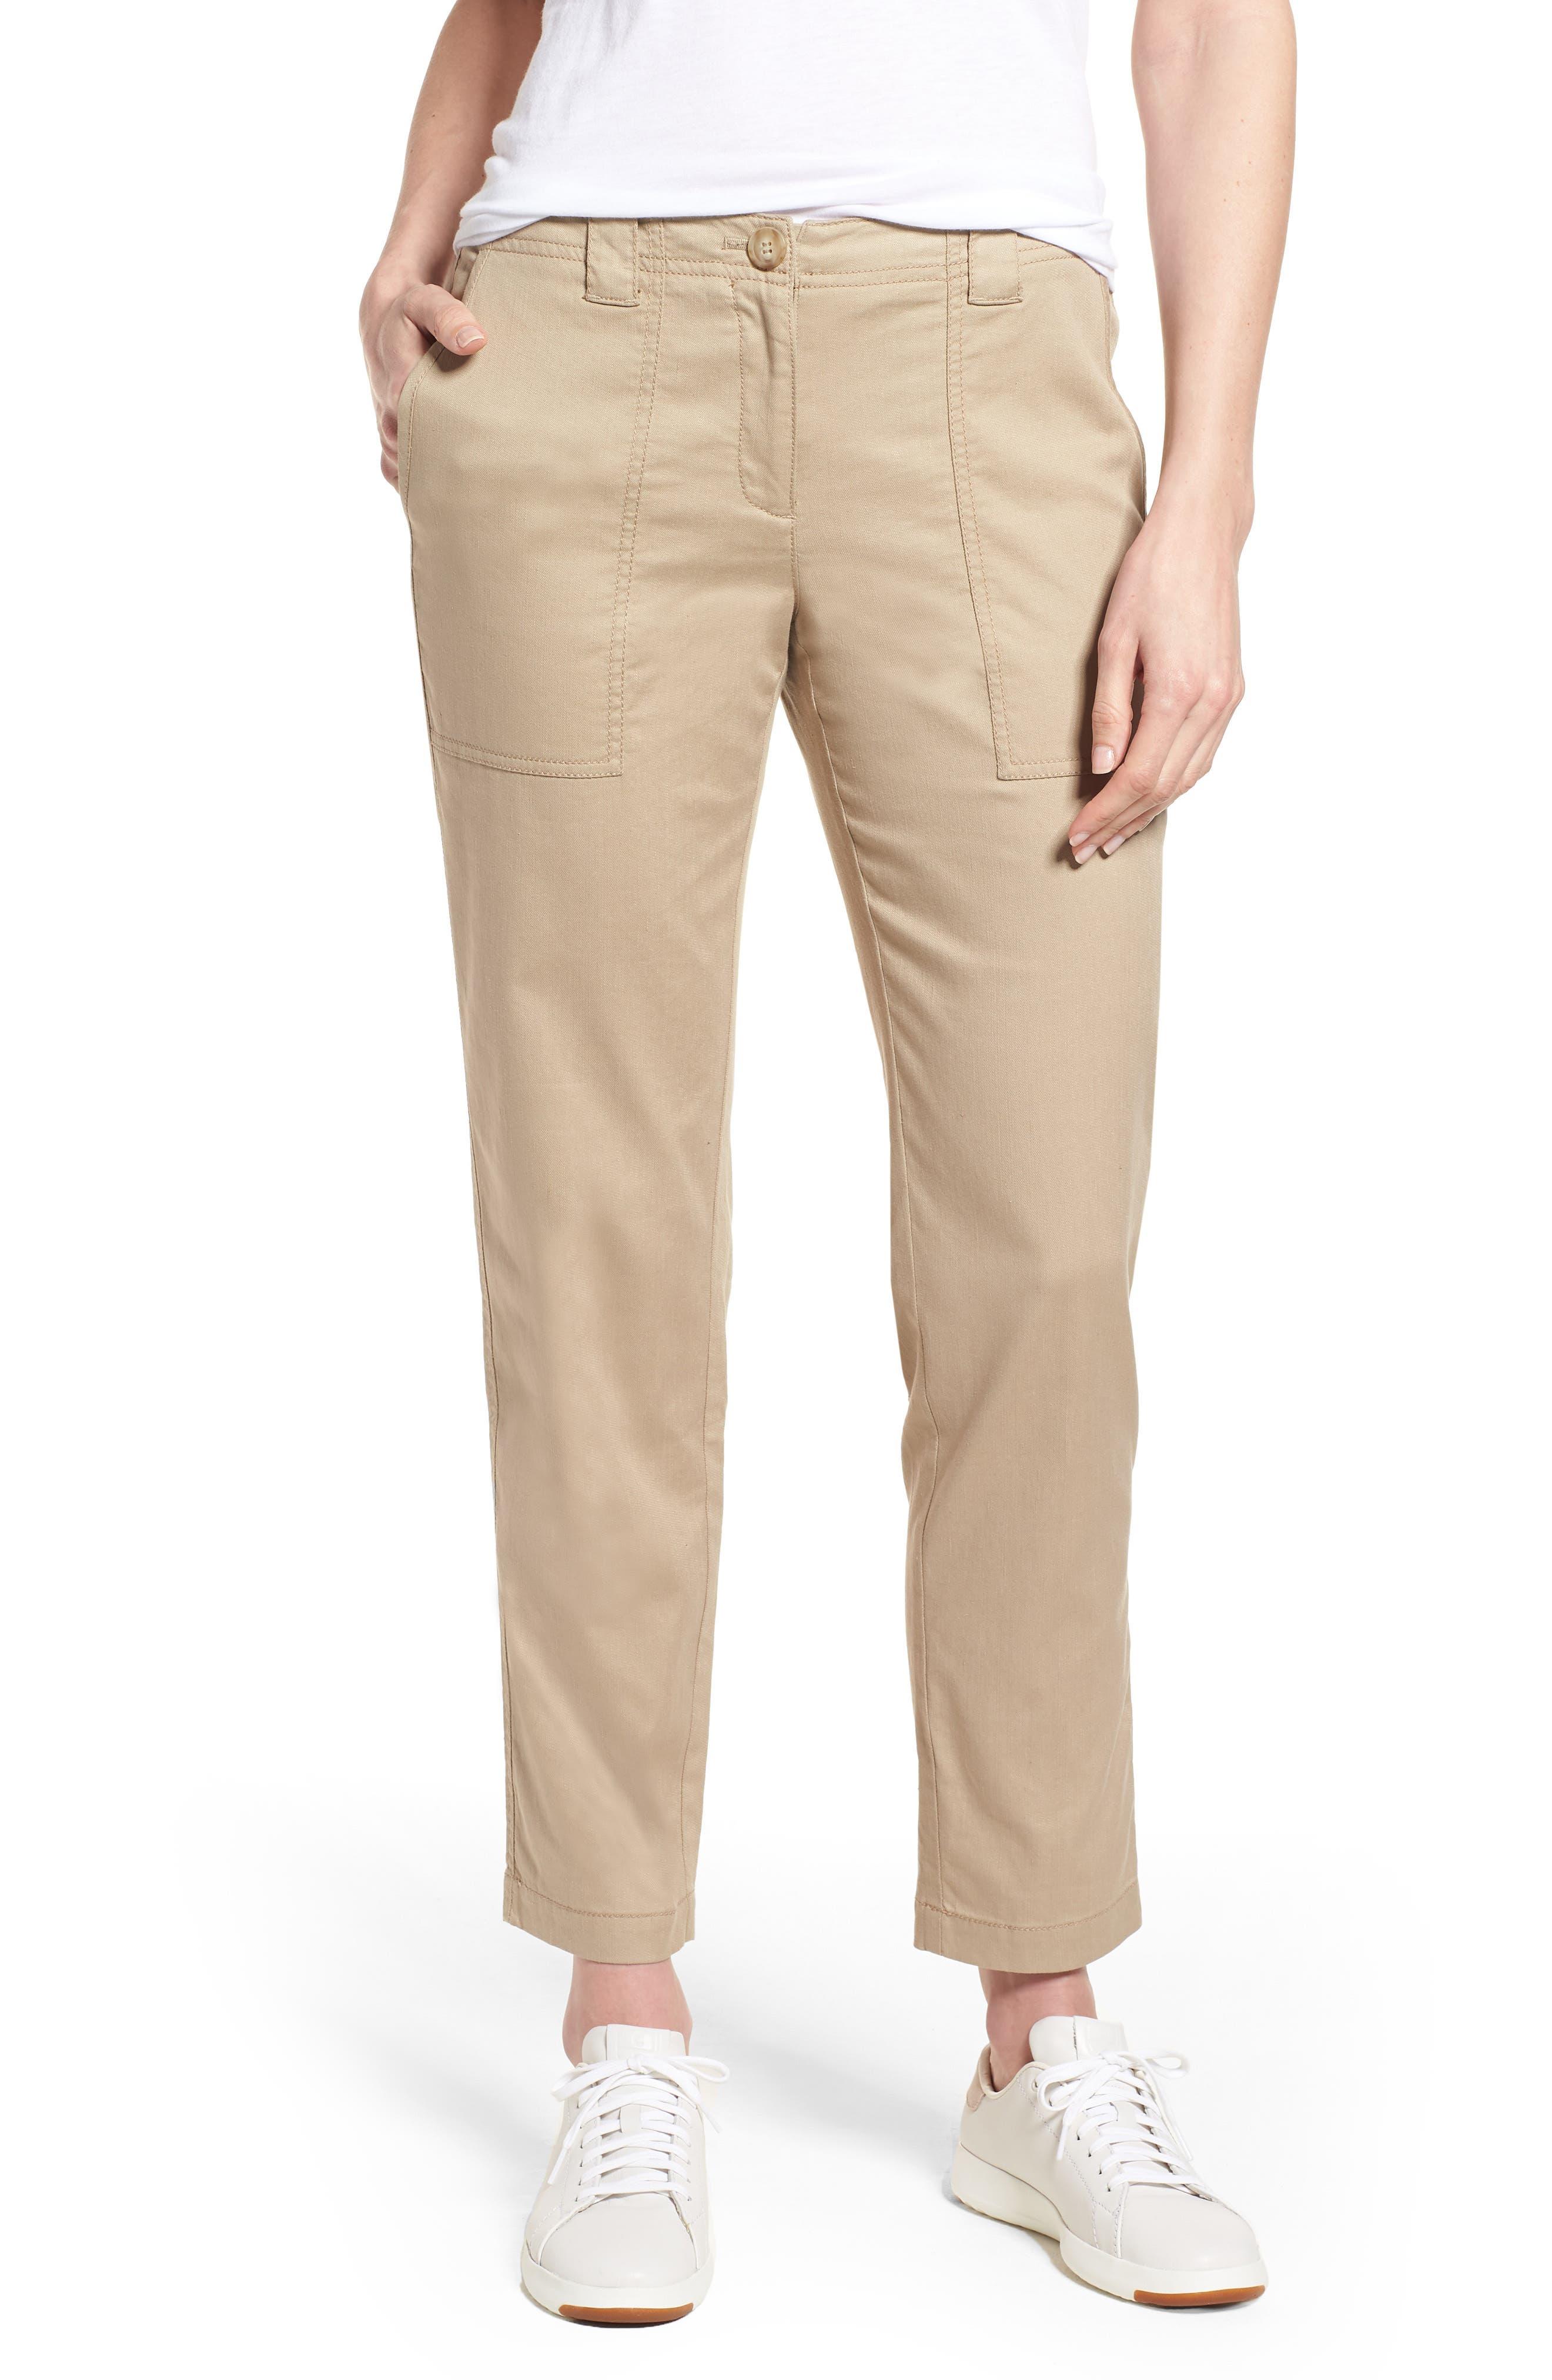 Nordstrom Signature Stretch Cotton & Linen Ankle Pants